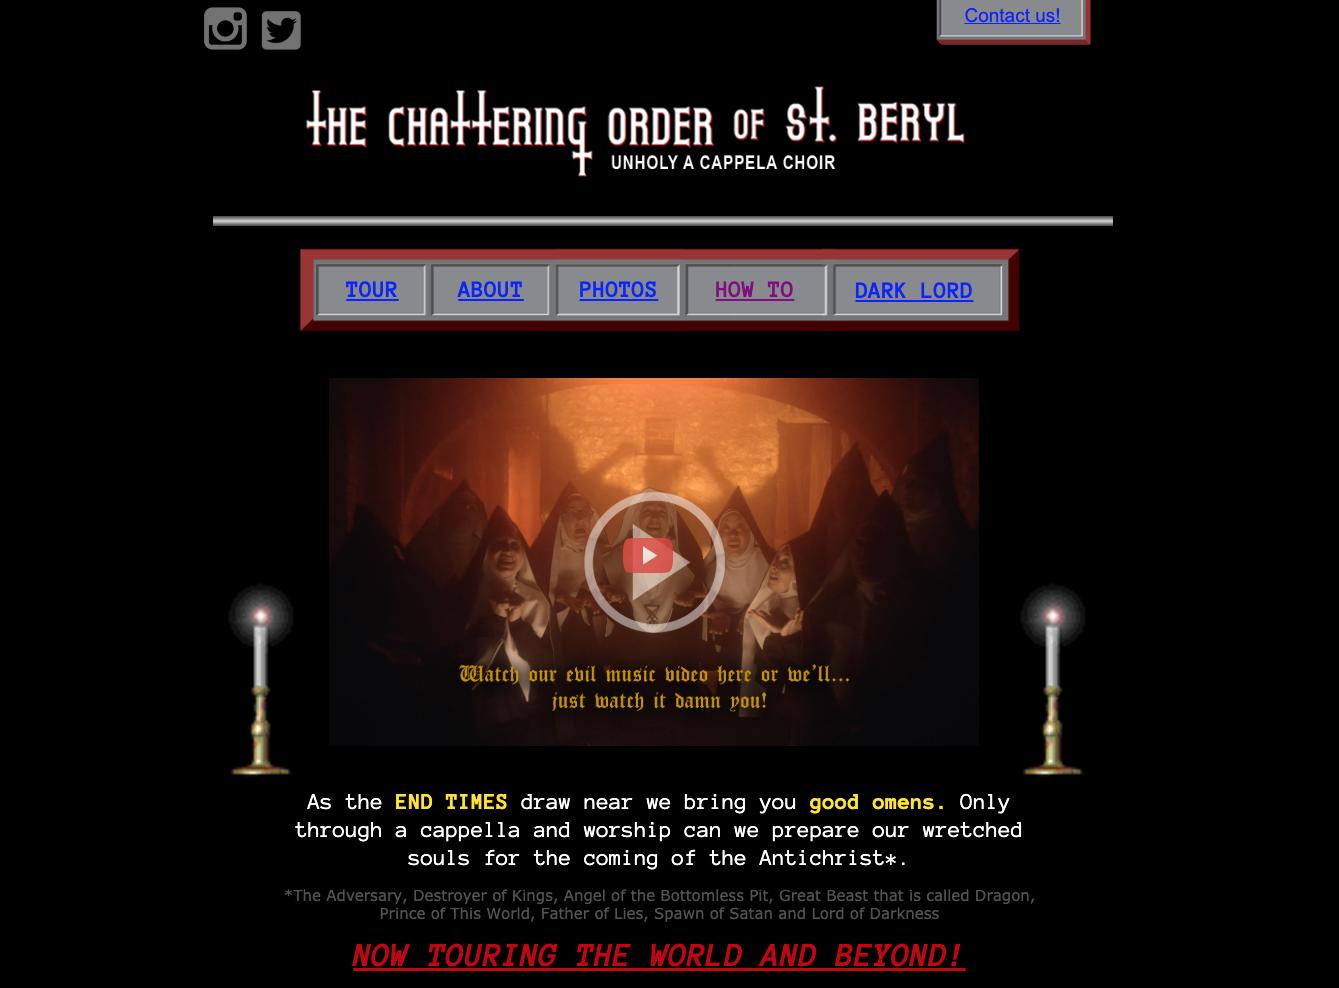 Chattering nuns good omens website hal kirkland 1.png